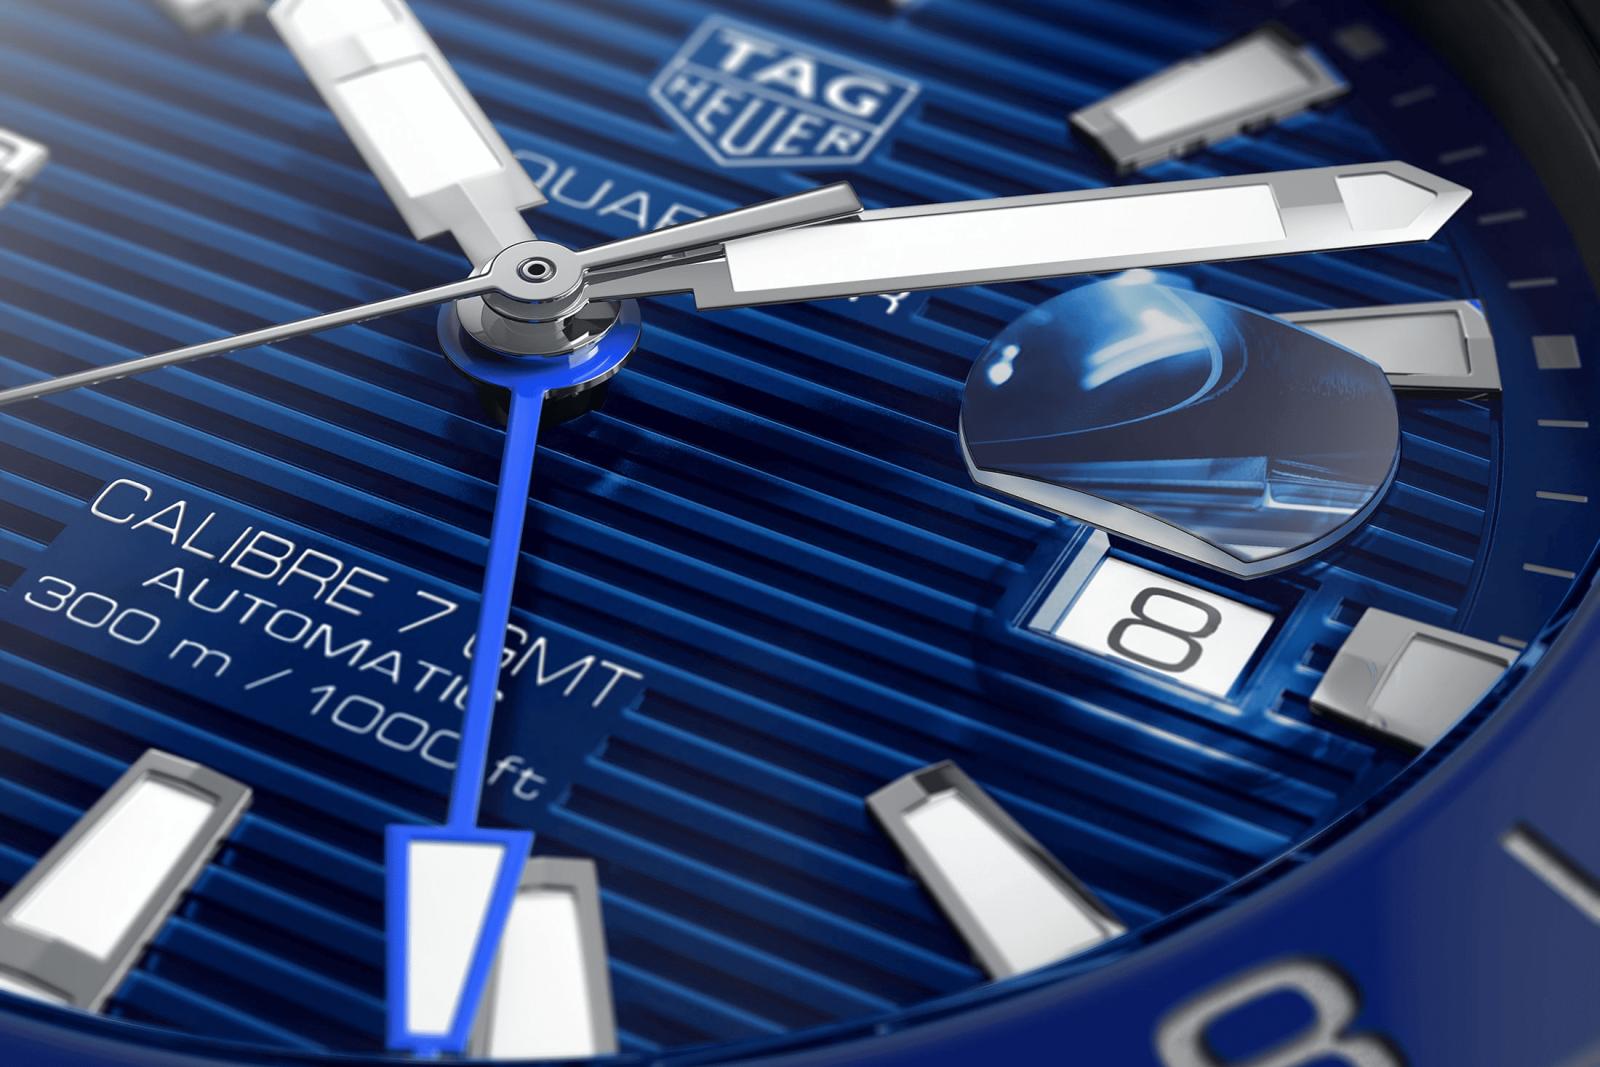 mặt số đồng hồ lặn tag heuer aquaracer gmt black blue mới